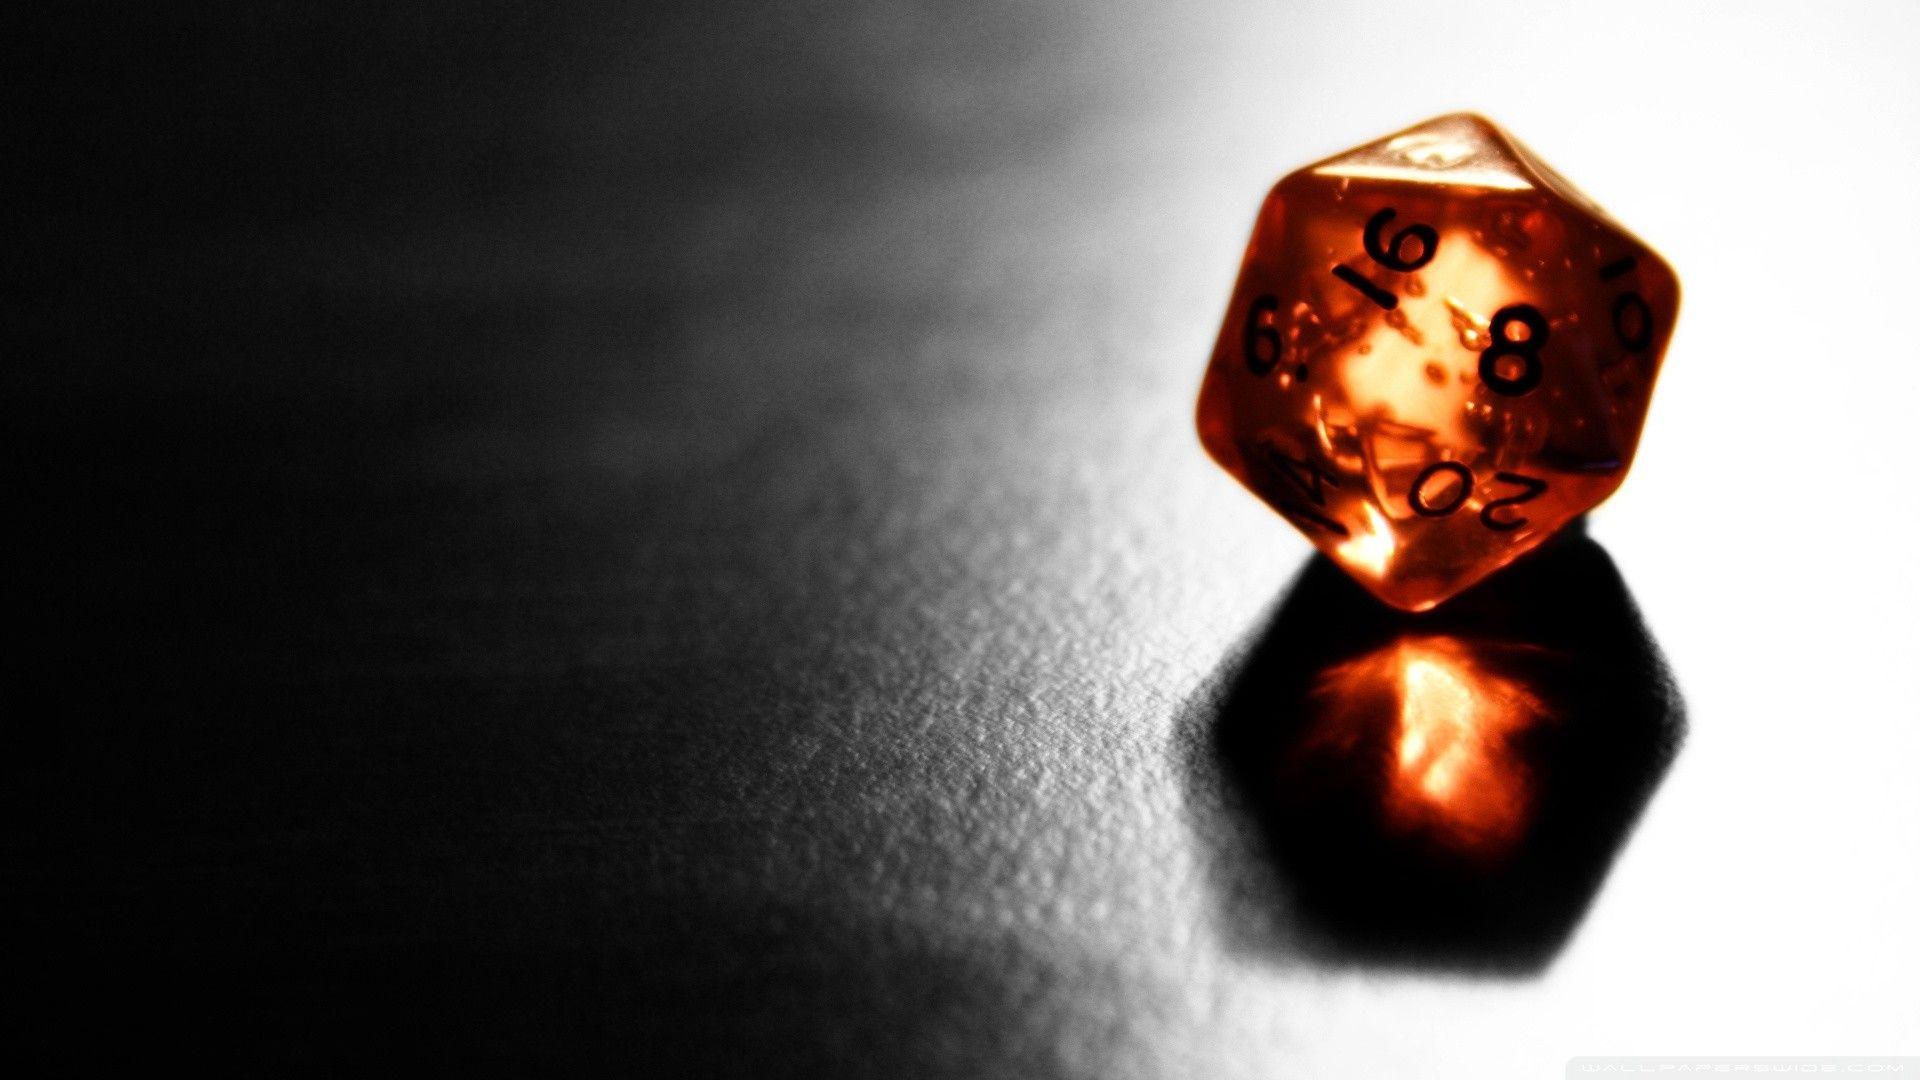 dice wallpaper in 4k